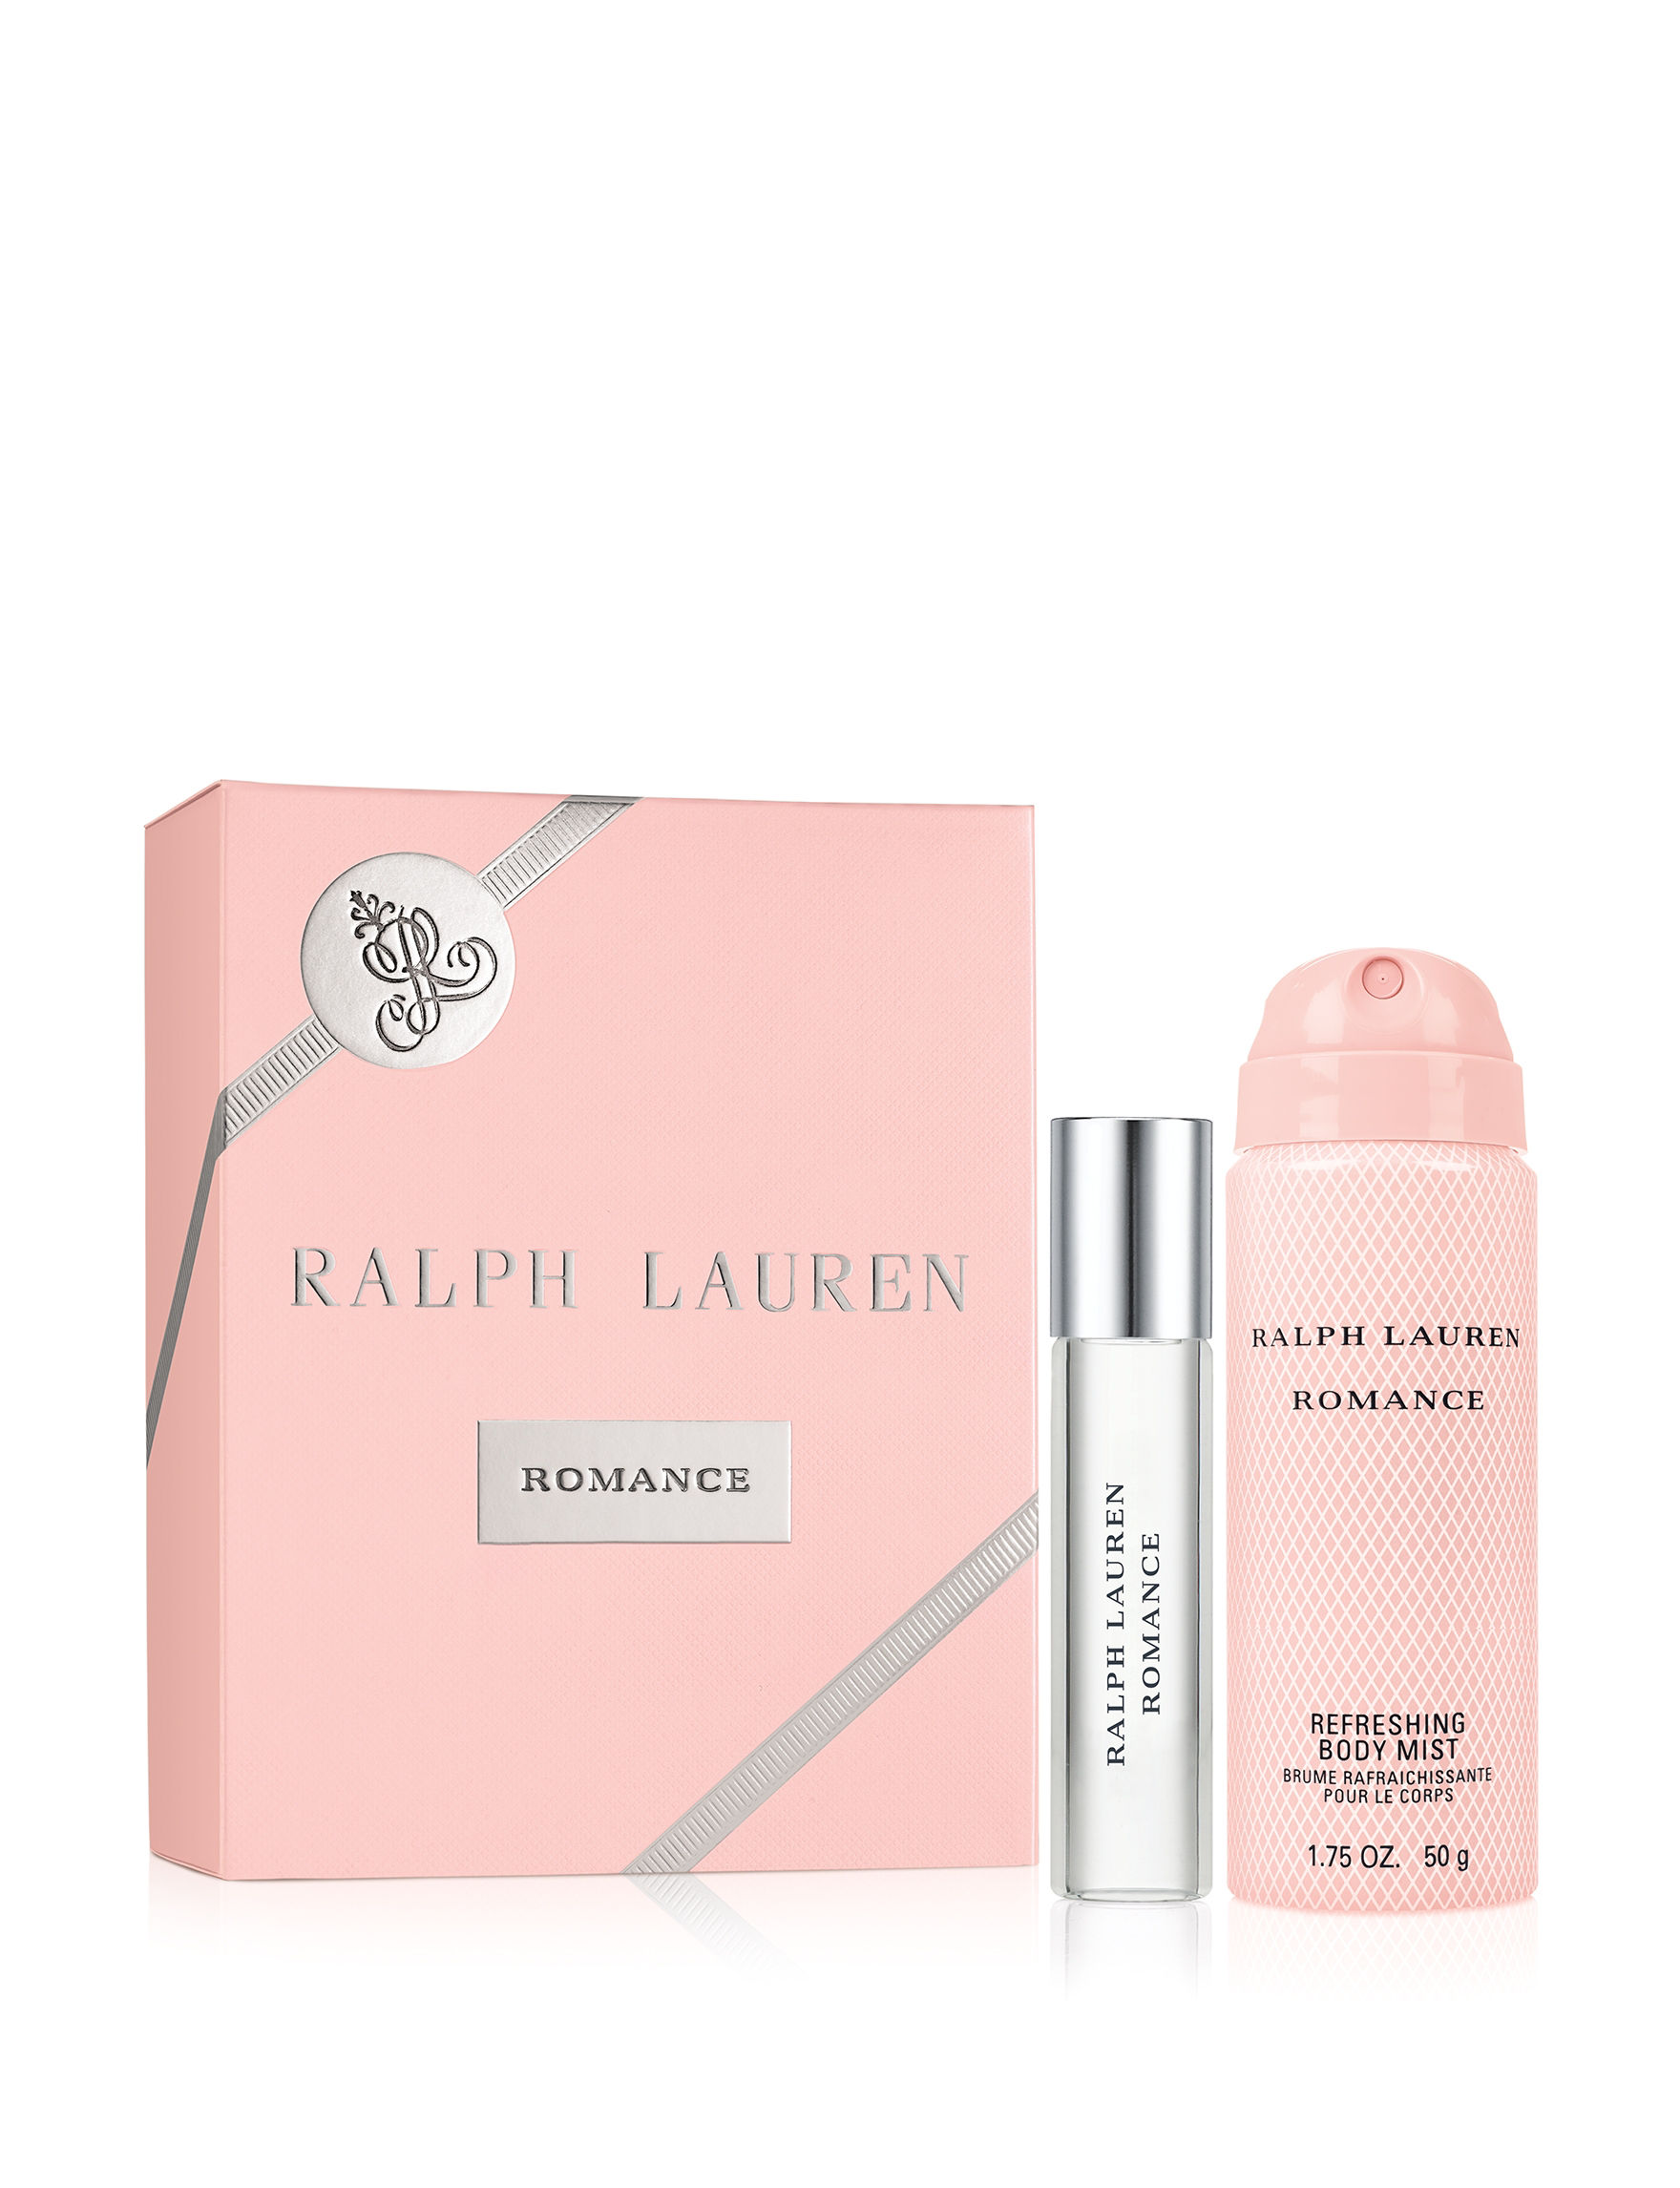 ... EAN 3605970965792 product image for Ralph Lauren Romance 2-pc. Set for  Women ... 9d7bd31384c3d